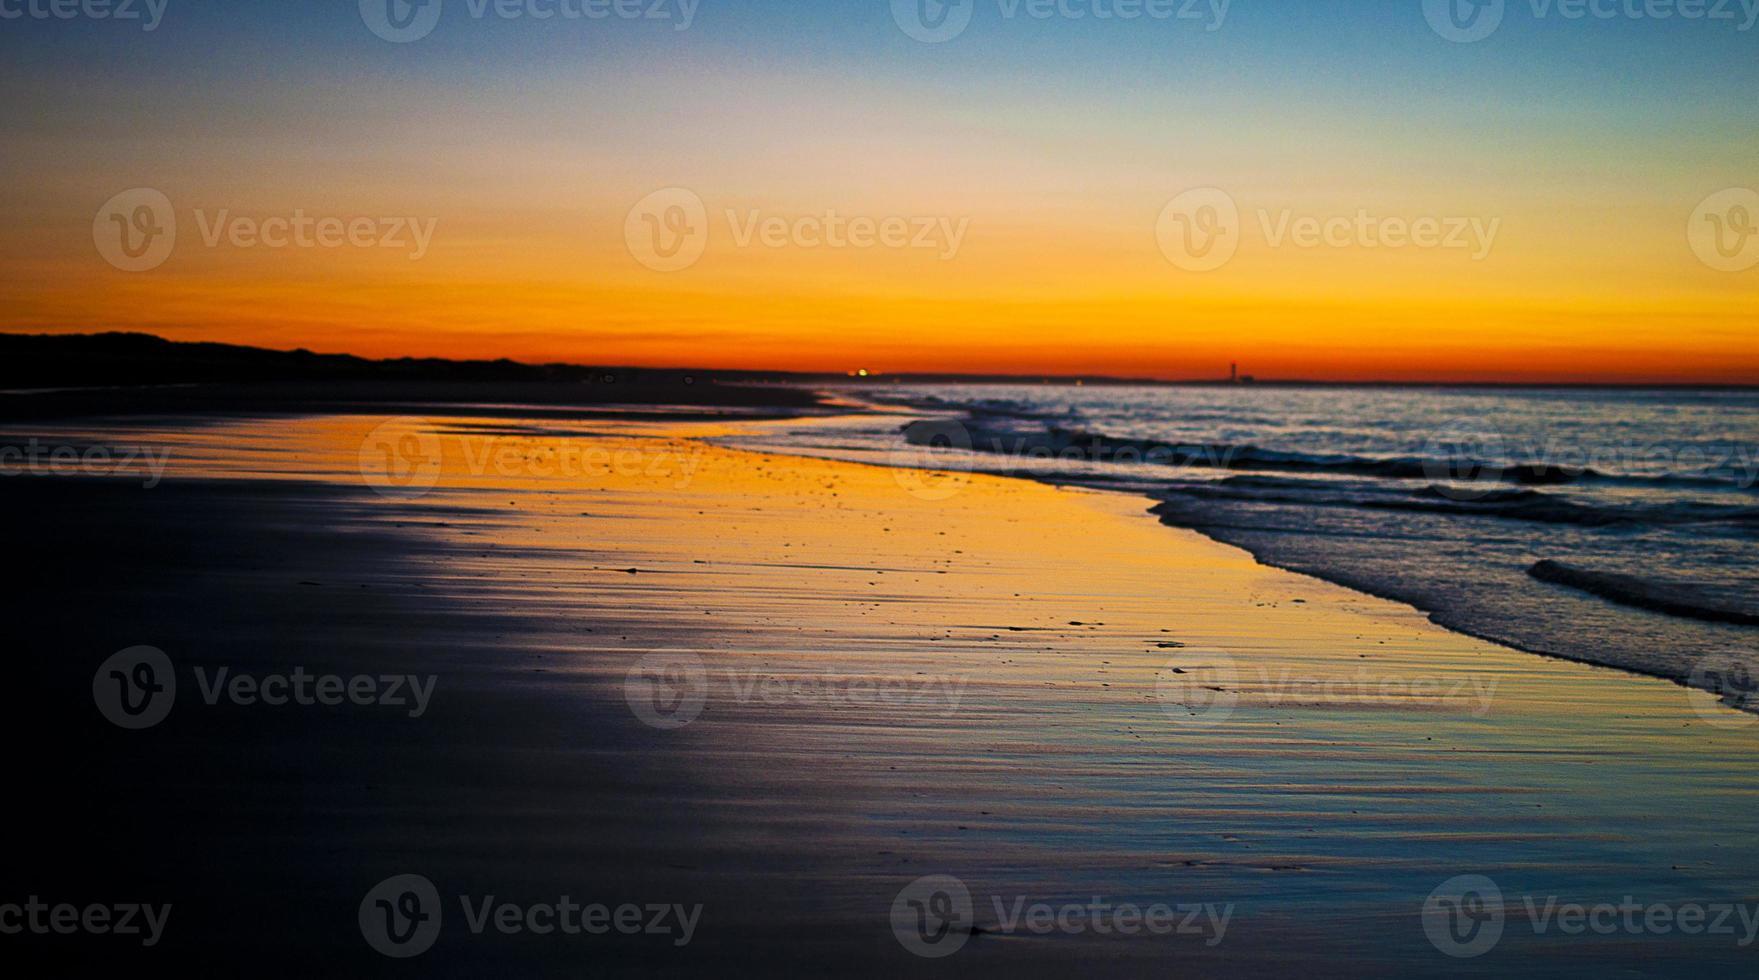 coucher de soleil sur la plage de sable photo